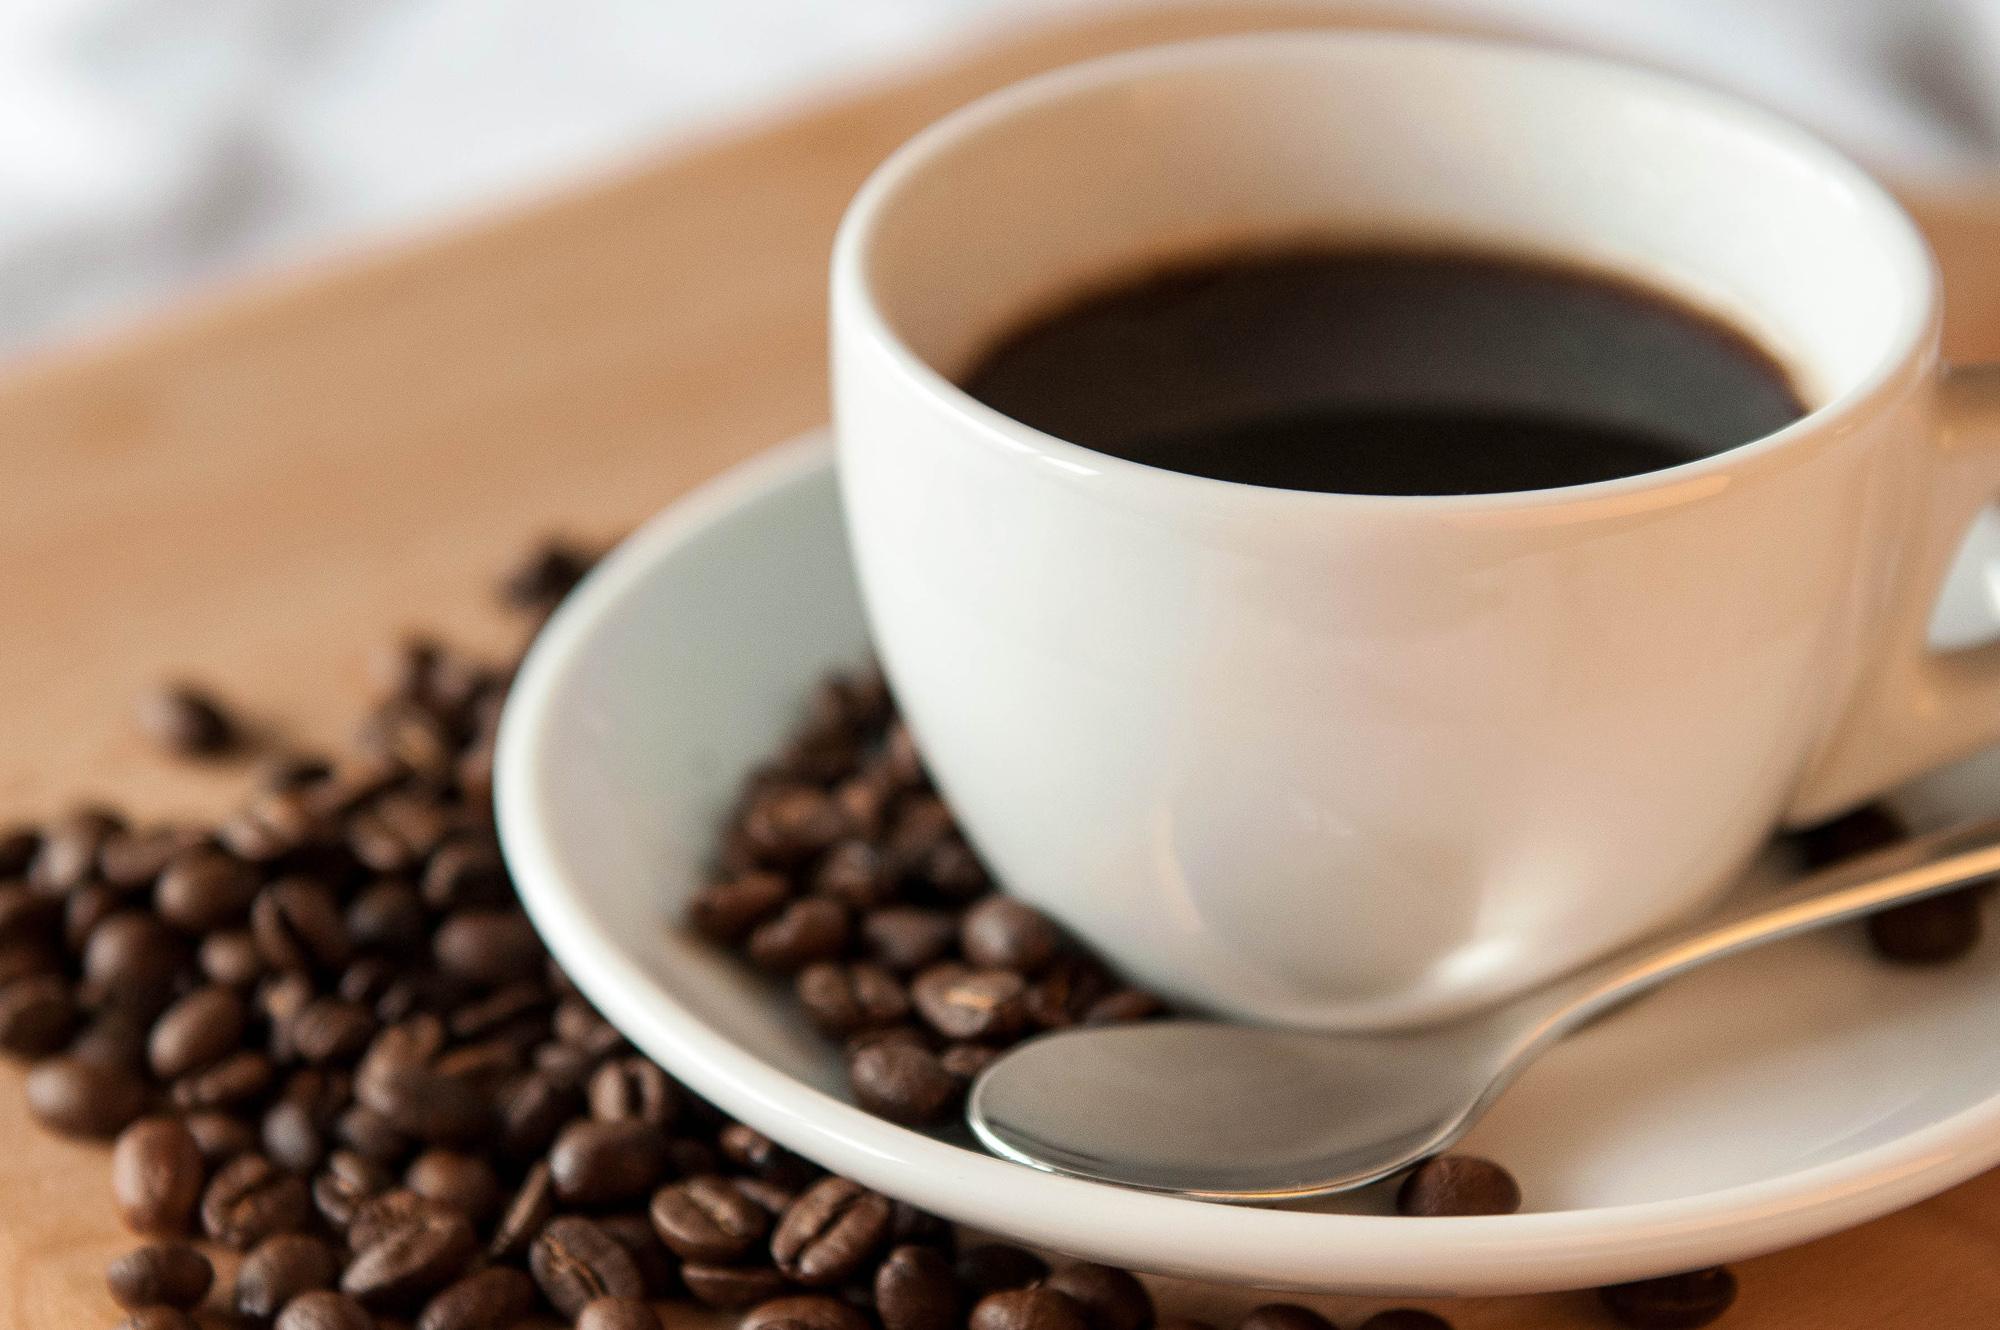 O café é o único estimulante de concentração comprovado pela investigação científica.